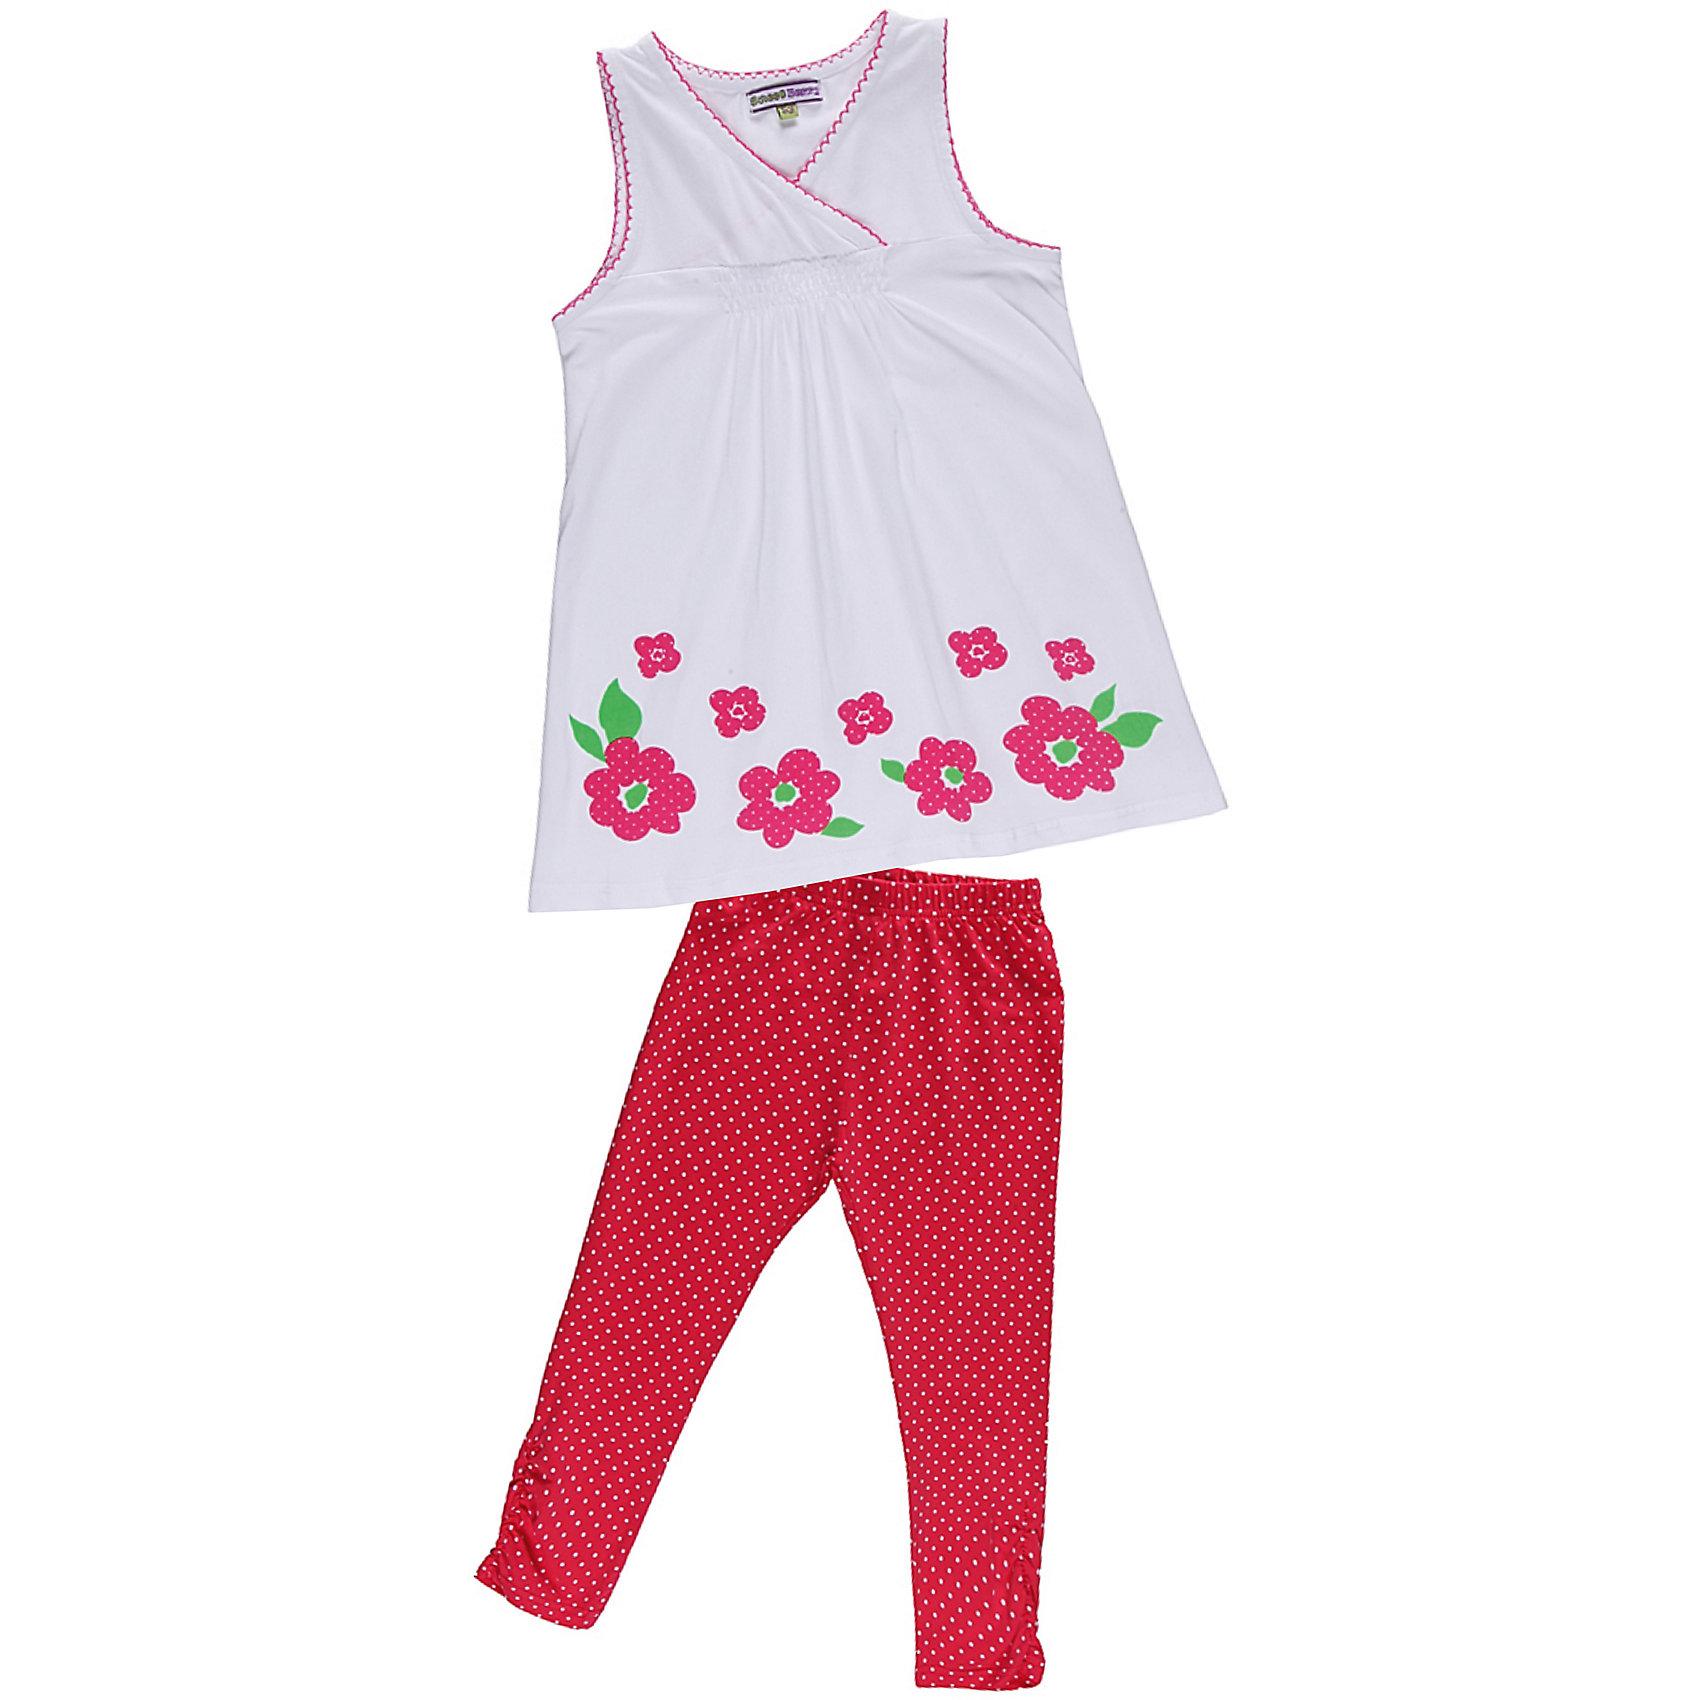 Комплект для девочки: футболка и леггинсы Sweet BerryКомплекты<br>Комплект из эластичного трикотажа. Декорирован принтом, сборкой и фигурной отделкой.<br>Состав:<br>95% хлопок, 5% эластан<br><br>Ширина мм: 199<br>Глубина мм: 10<br>Высота мм: 161<br>Вес г: 151<br>Цвет: бело-розовый<br>Возраст от месяцев: 72<br>Возраст до месяцев: 84<br>Пол: Женский<br>Возраст: Детский<br>Размер: 122,116,128,110,104,98<br>SKU: 4521413